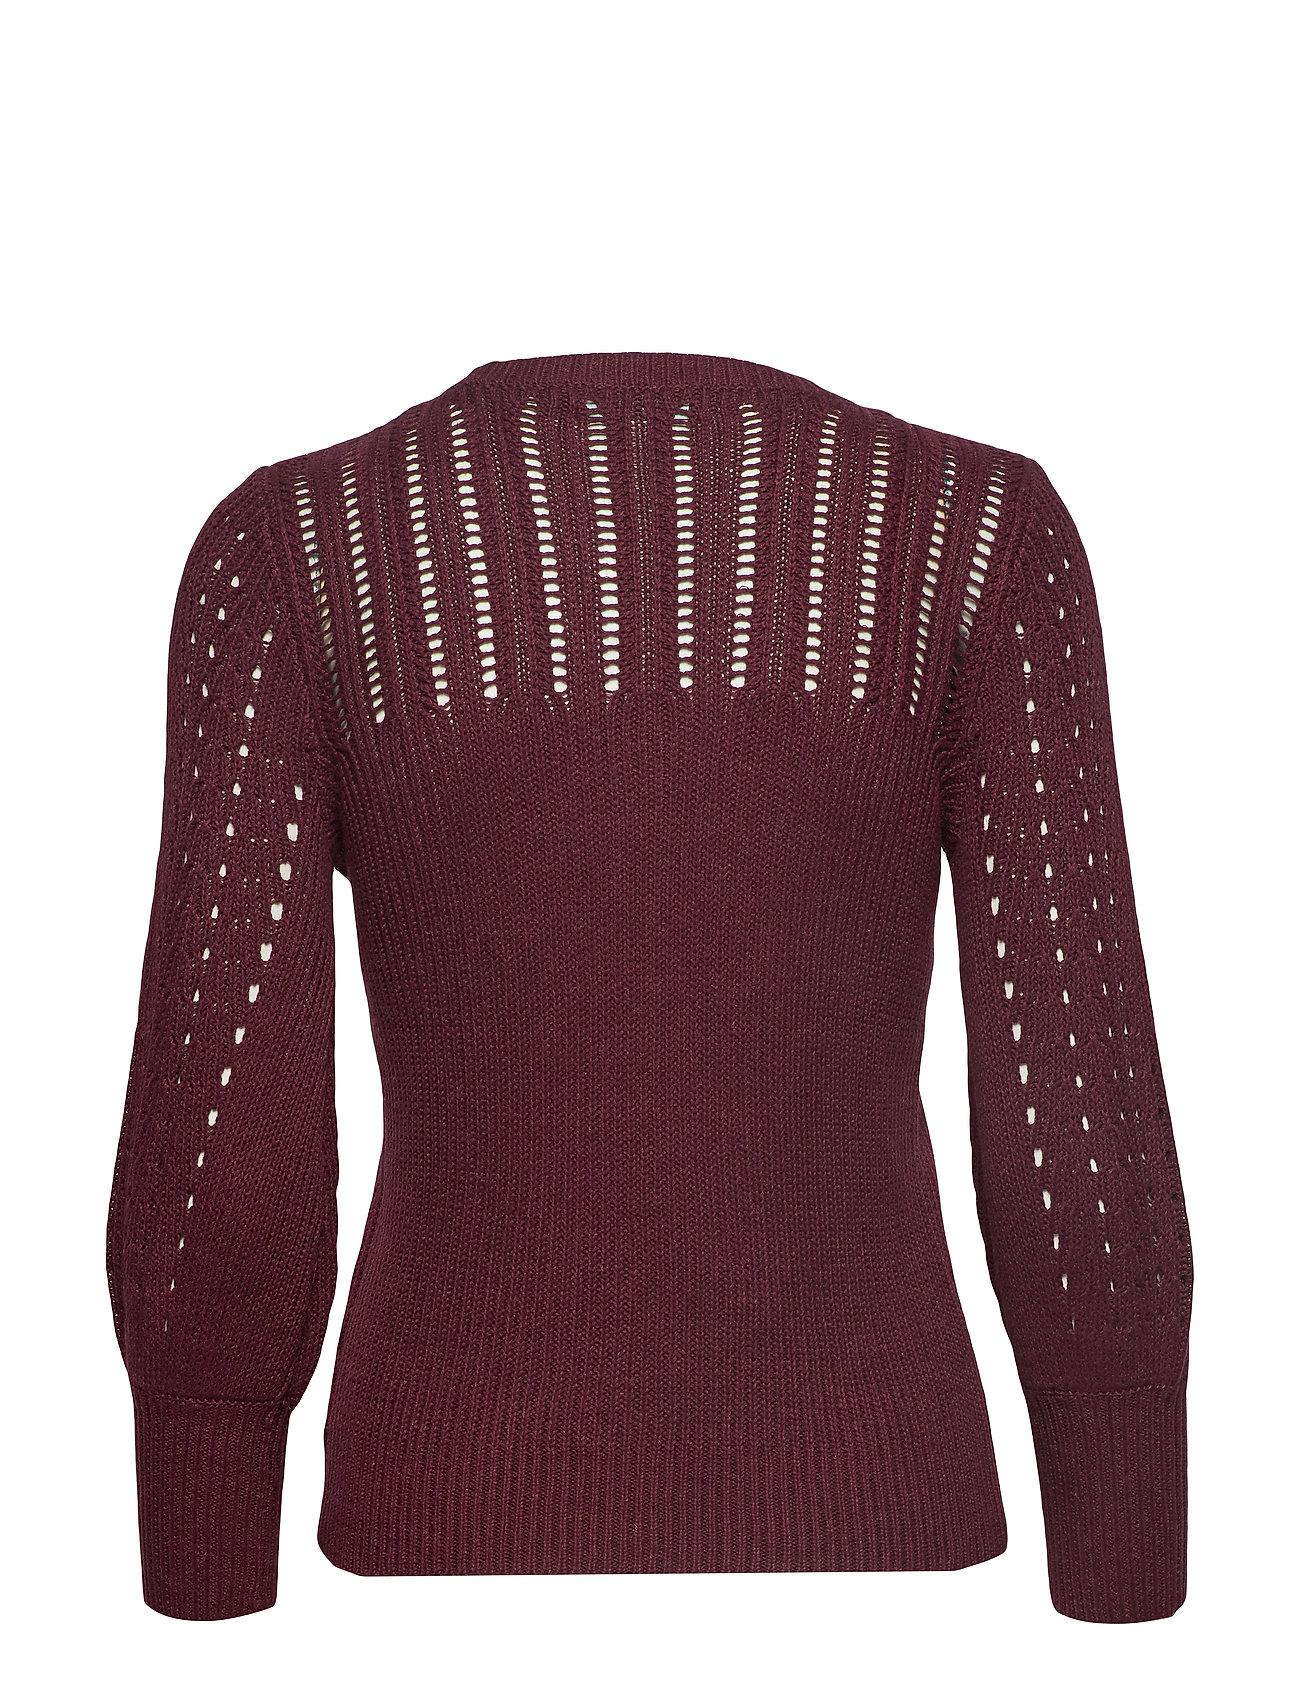 Linen Ralph Linen Sweaterpinot blend NoirLauren Sweaterpinot Sweaterpinot NoirLauren Ralph Linen blend blend NoirLauren pqVSUjzGLM